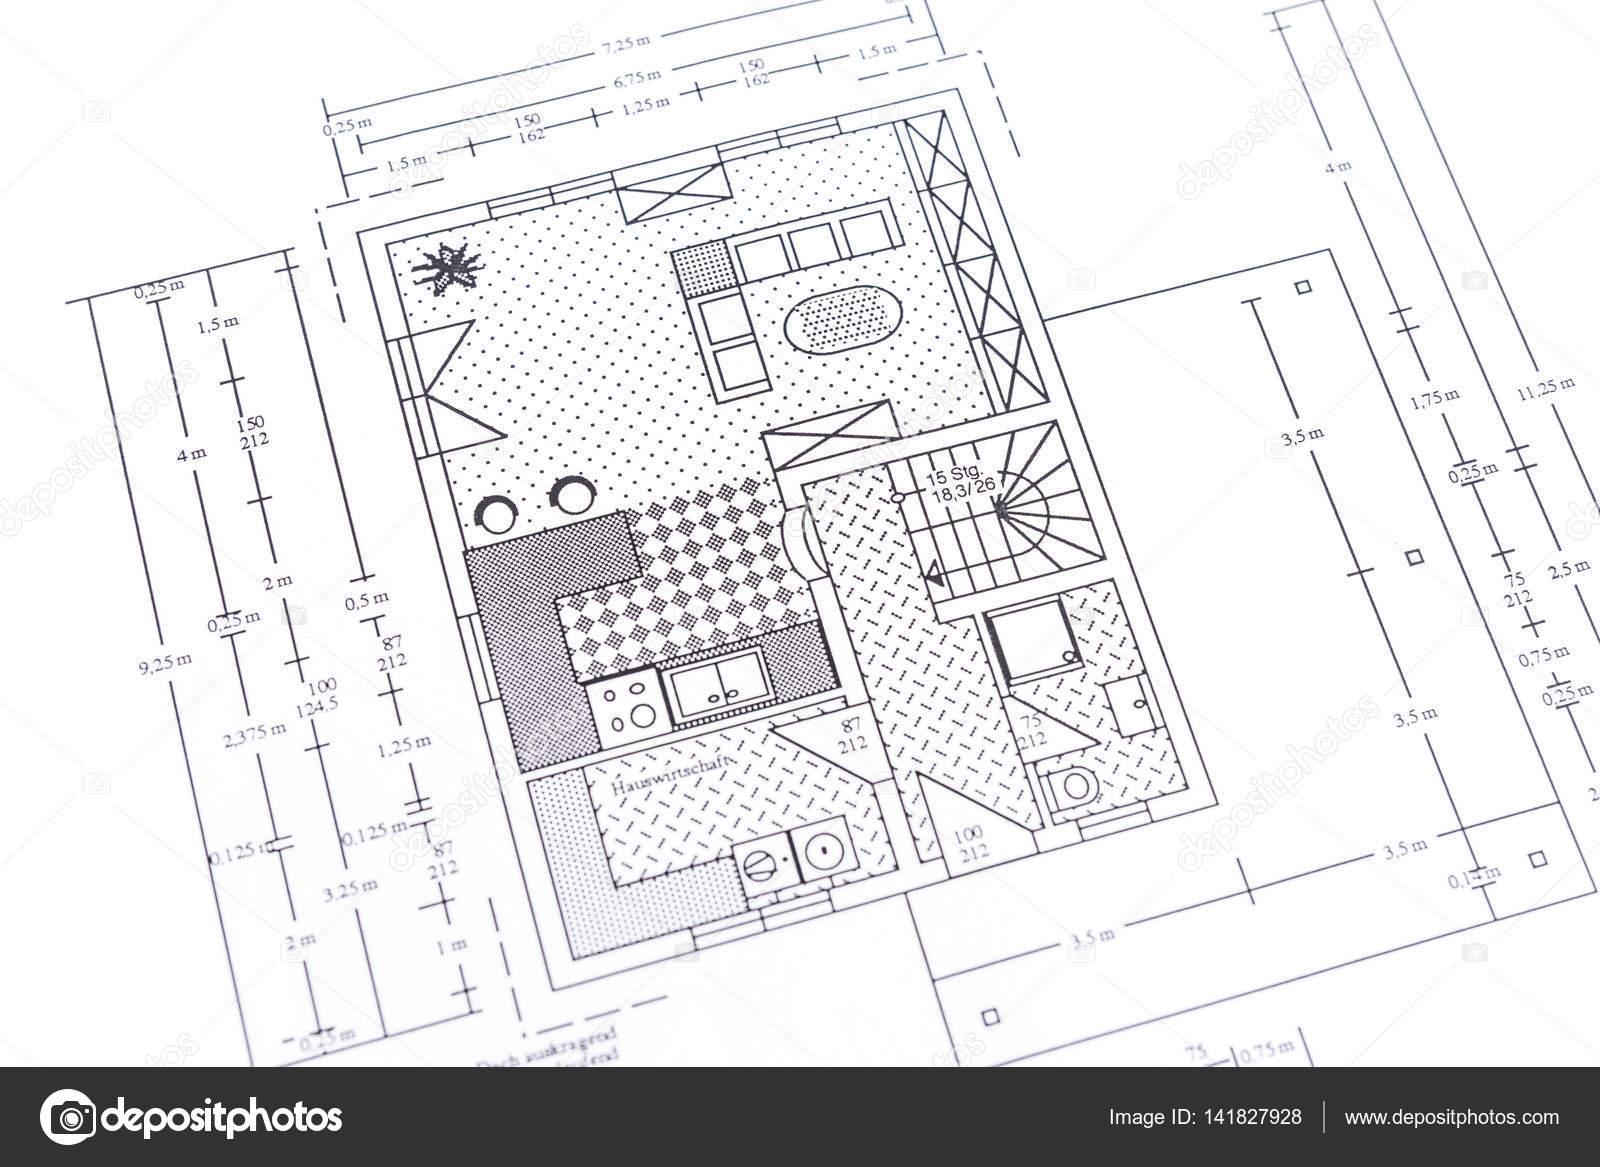 Architekten Entwurf Fur Den Bau Eines Neuen Hauses Stockfoto